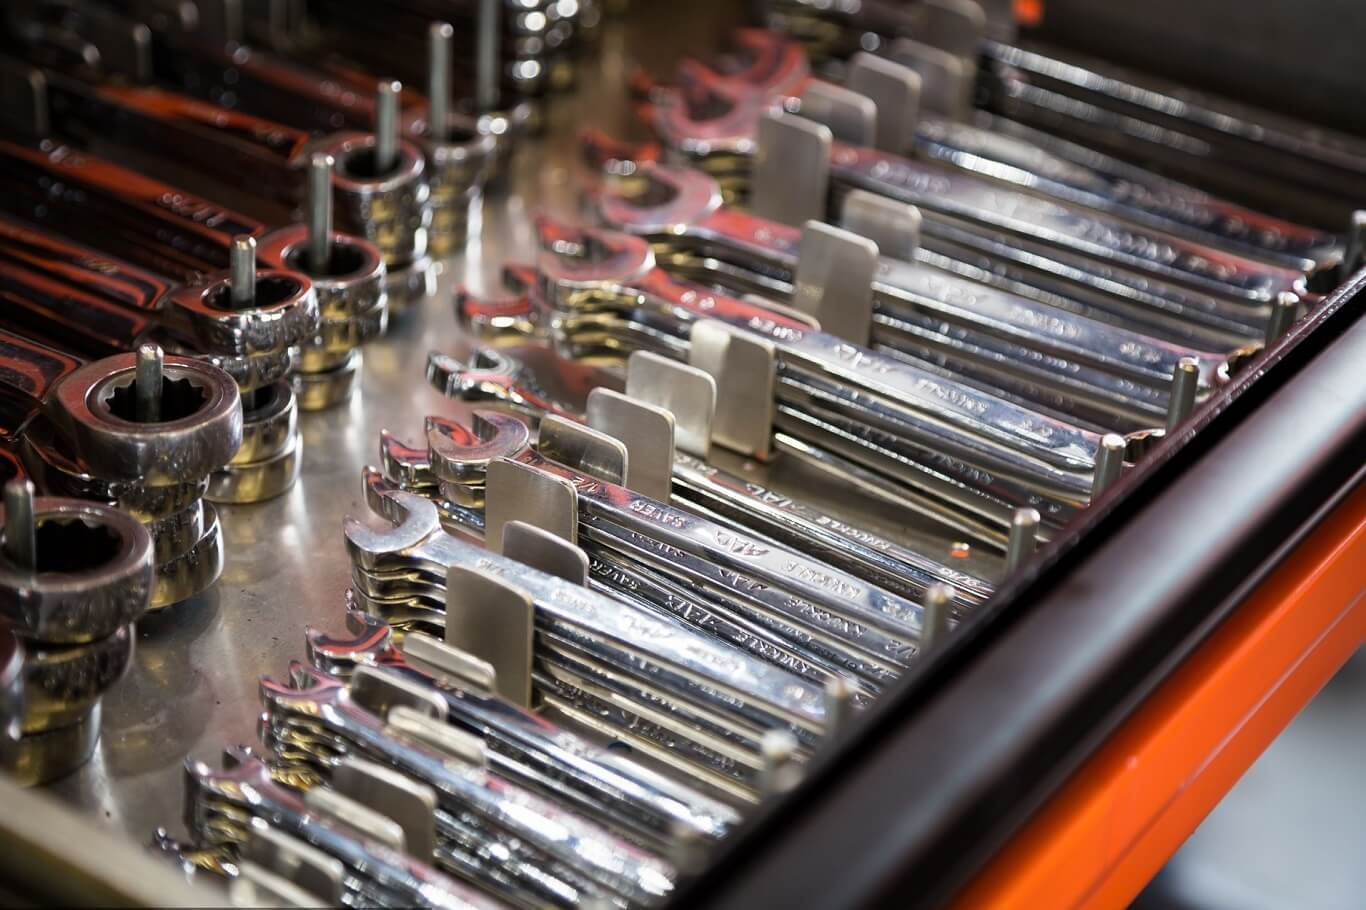 nascar toolbox